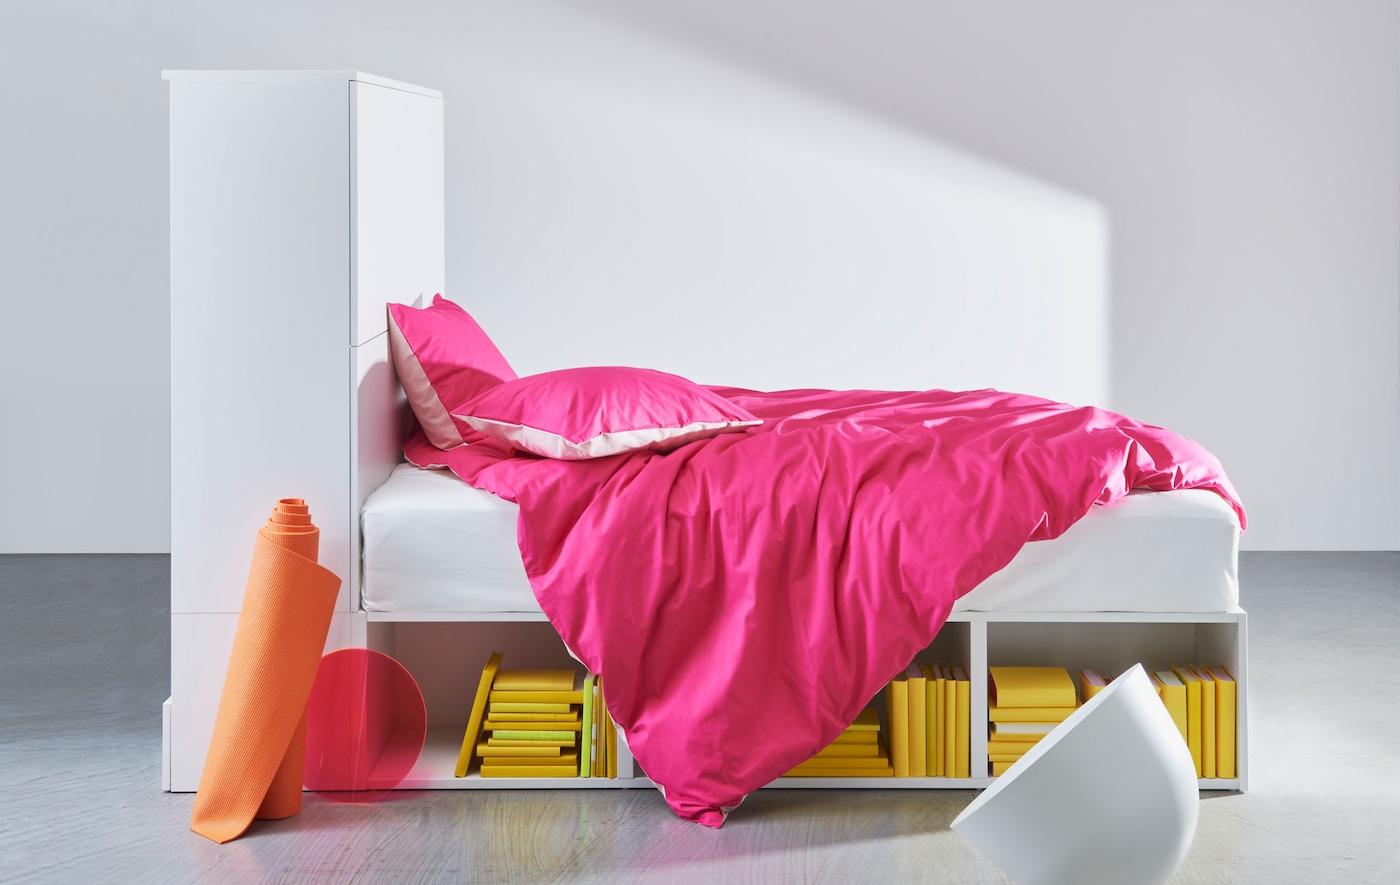 Estrutura de cama em branco com arrumação integrada e com roupa de cama cor de rosa.